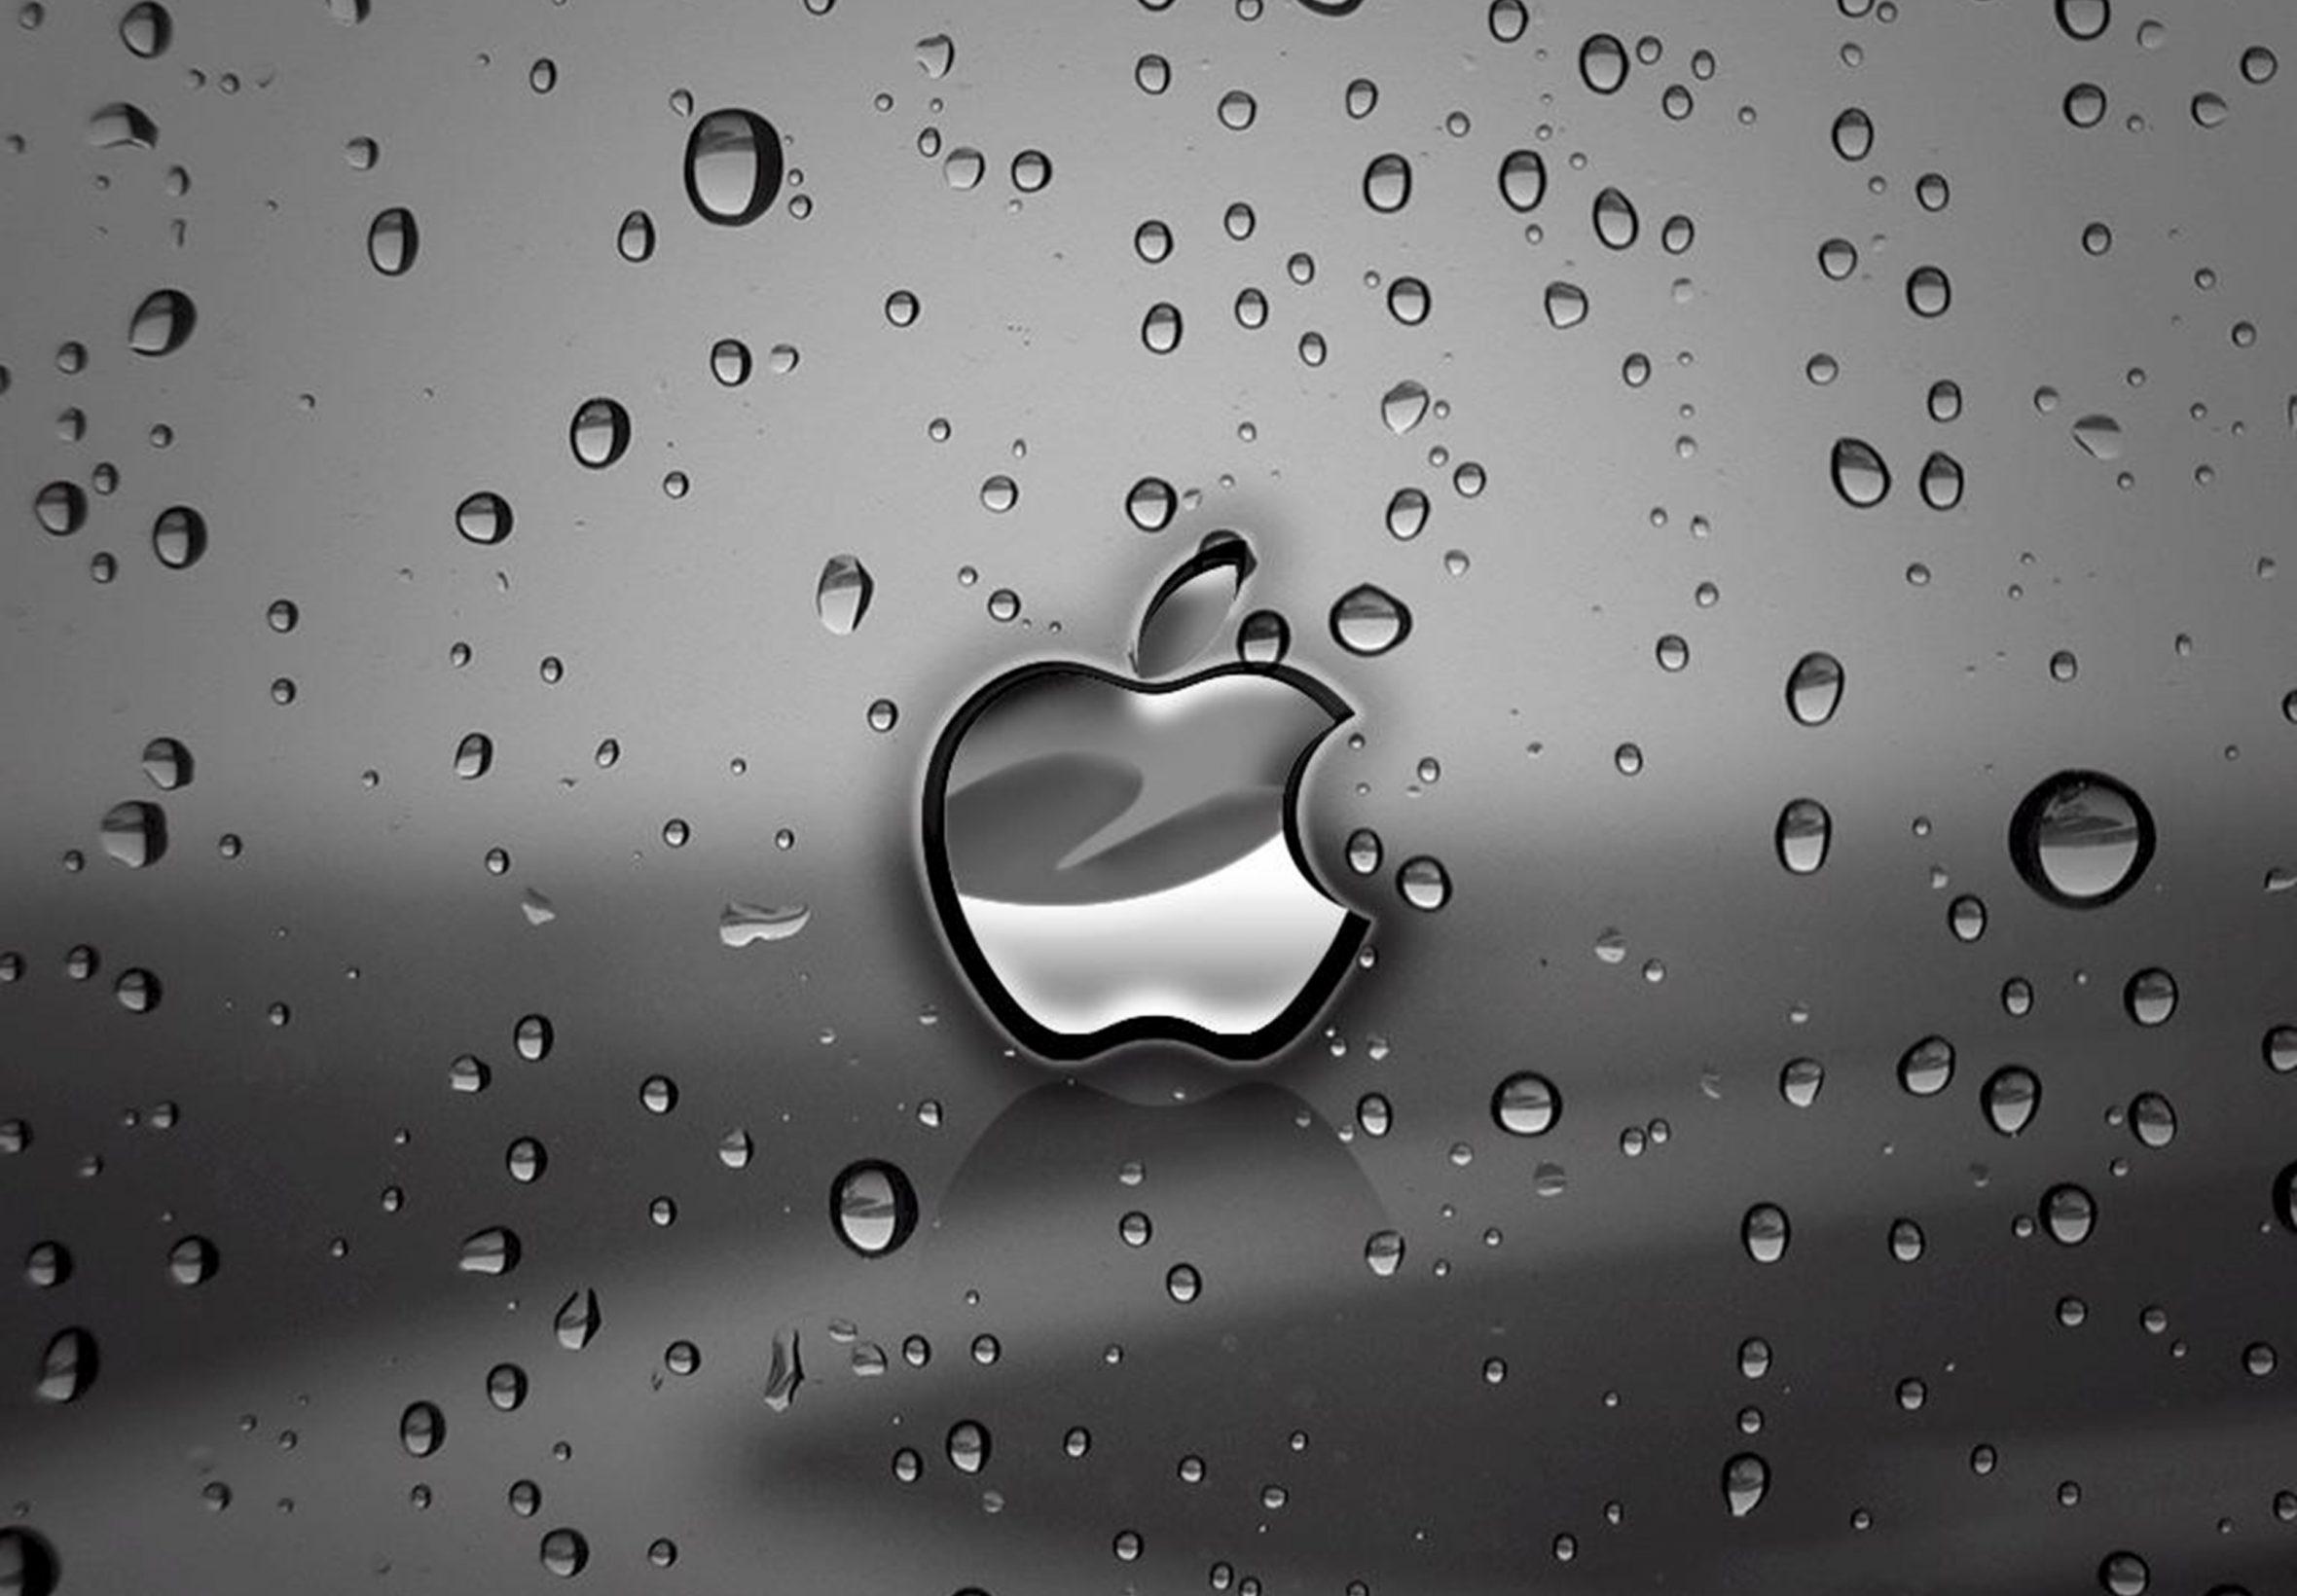 2360x1640 iPad Air wallpaper 4k Apple Rain Ipad Wallpaper 2360x1640 pixels resolution